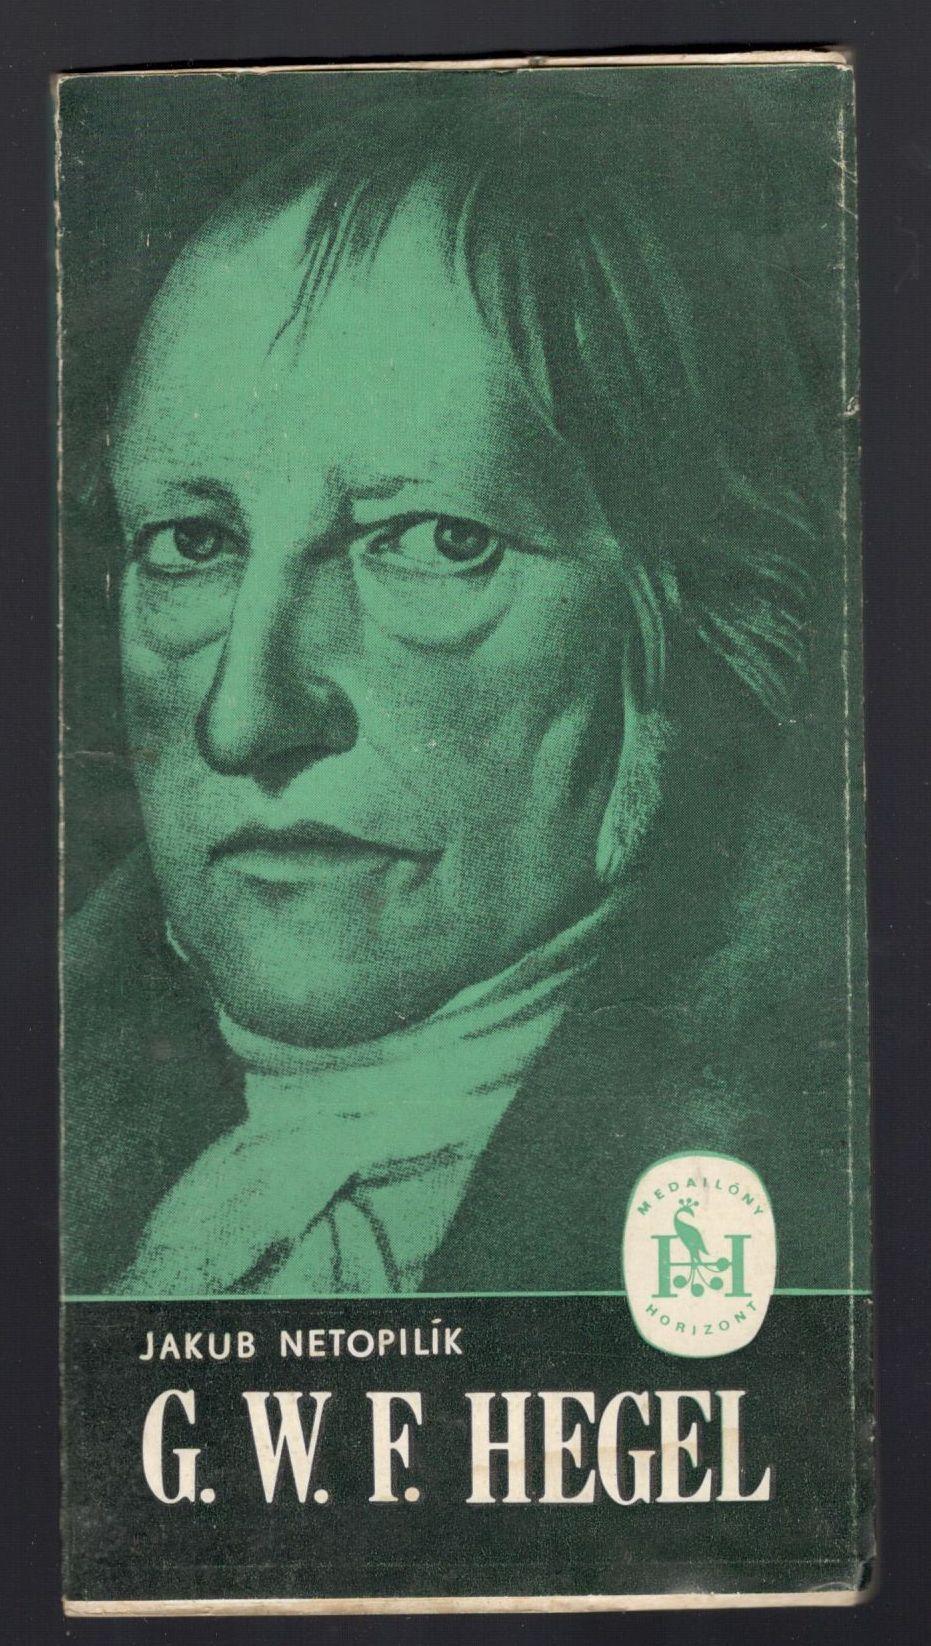 G. W. F. Hegel - Jakub Netopilík